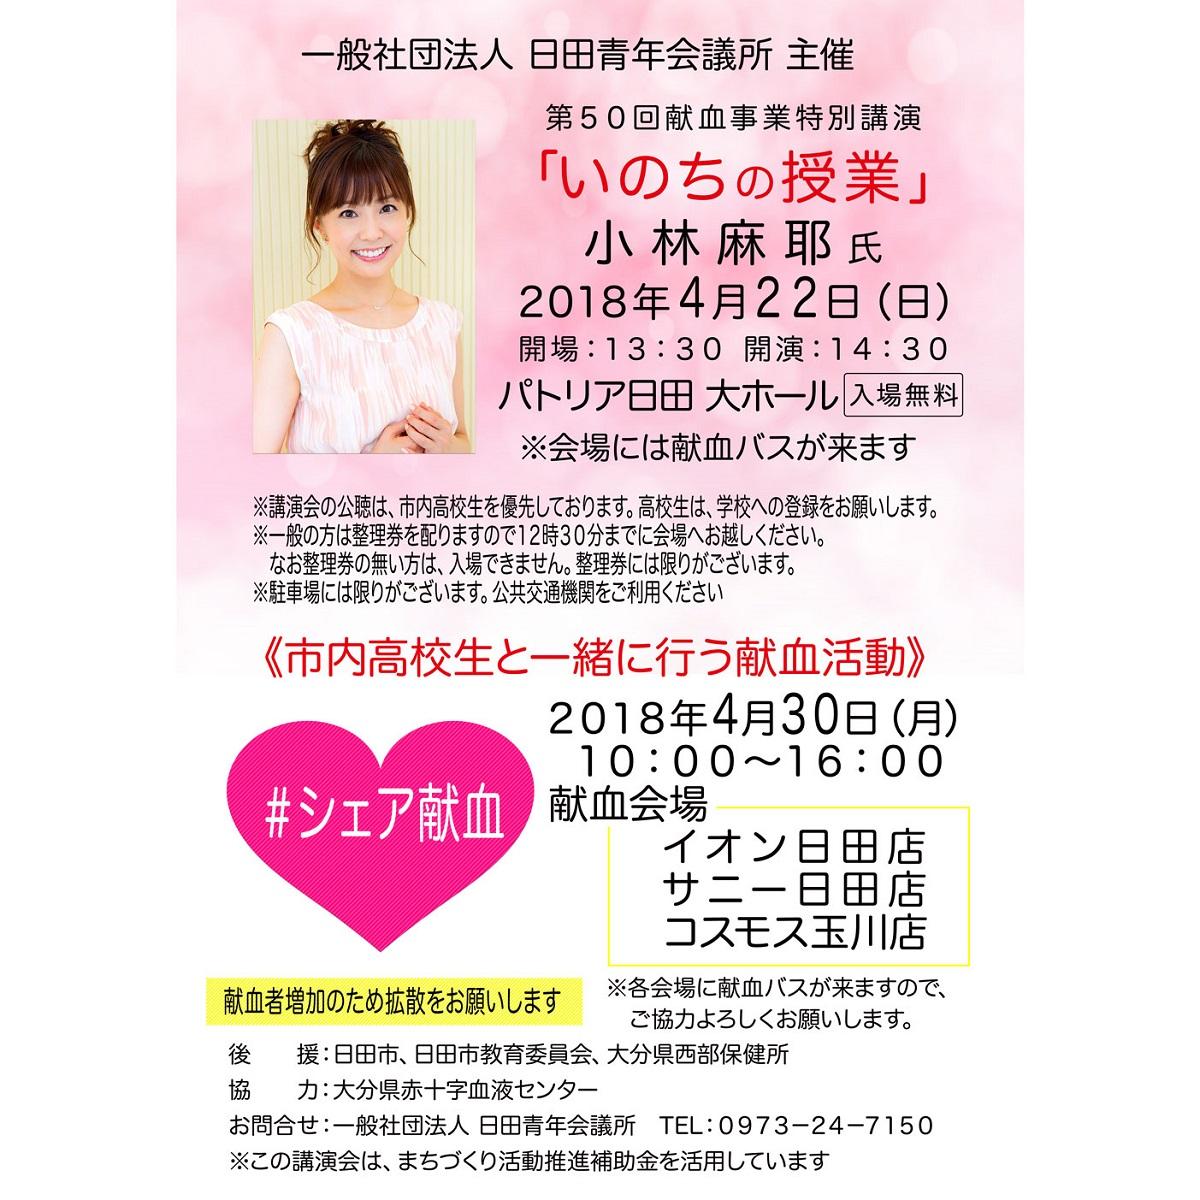 4月22日「いのちの授業」パトリア日田